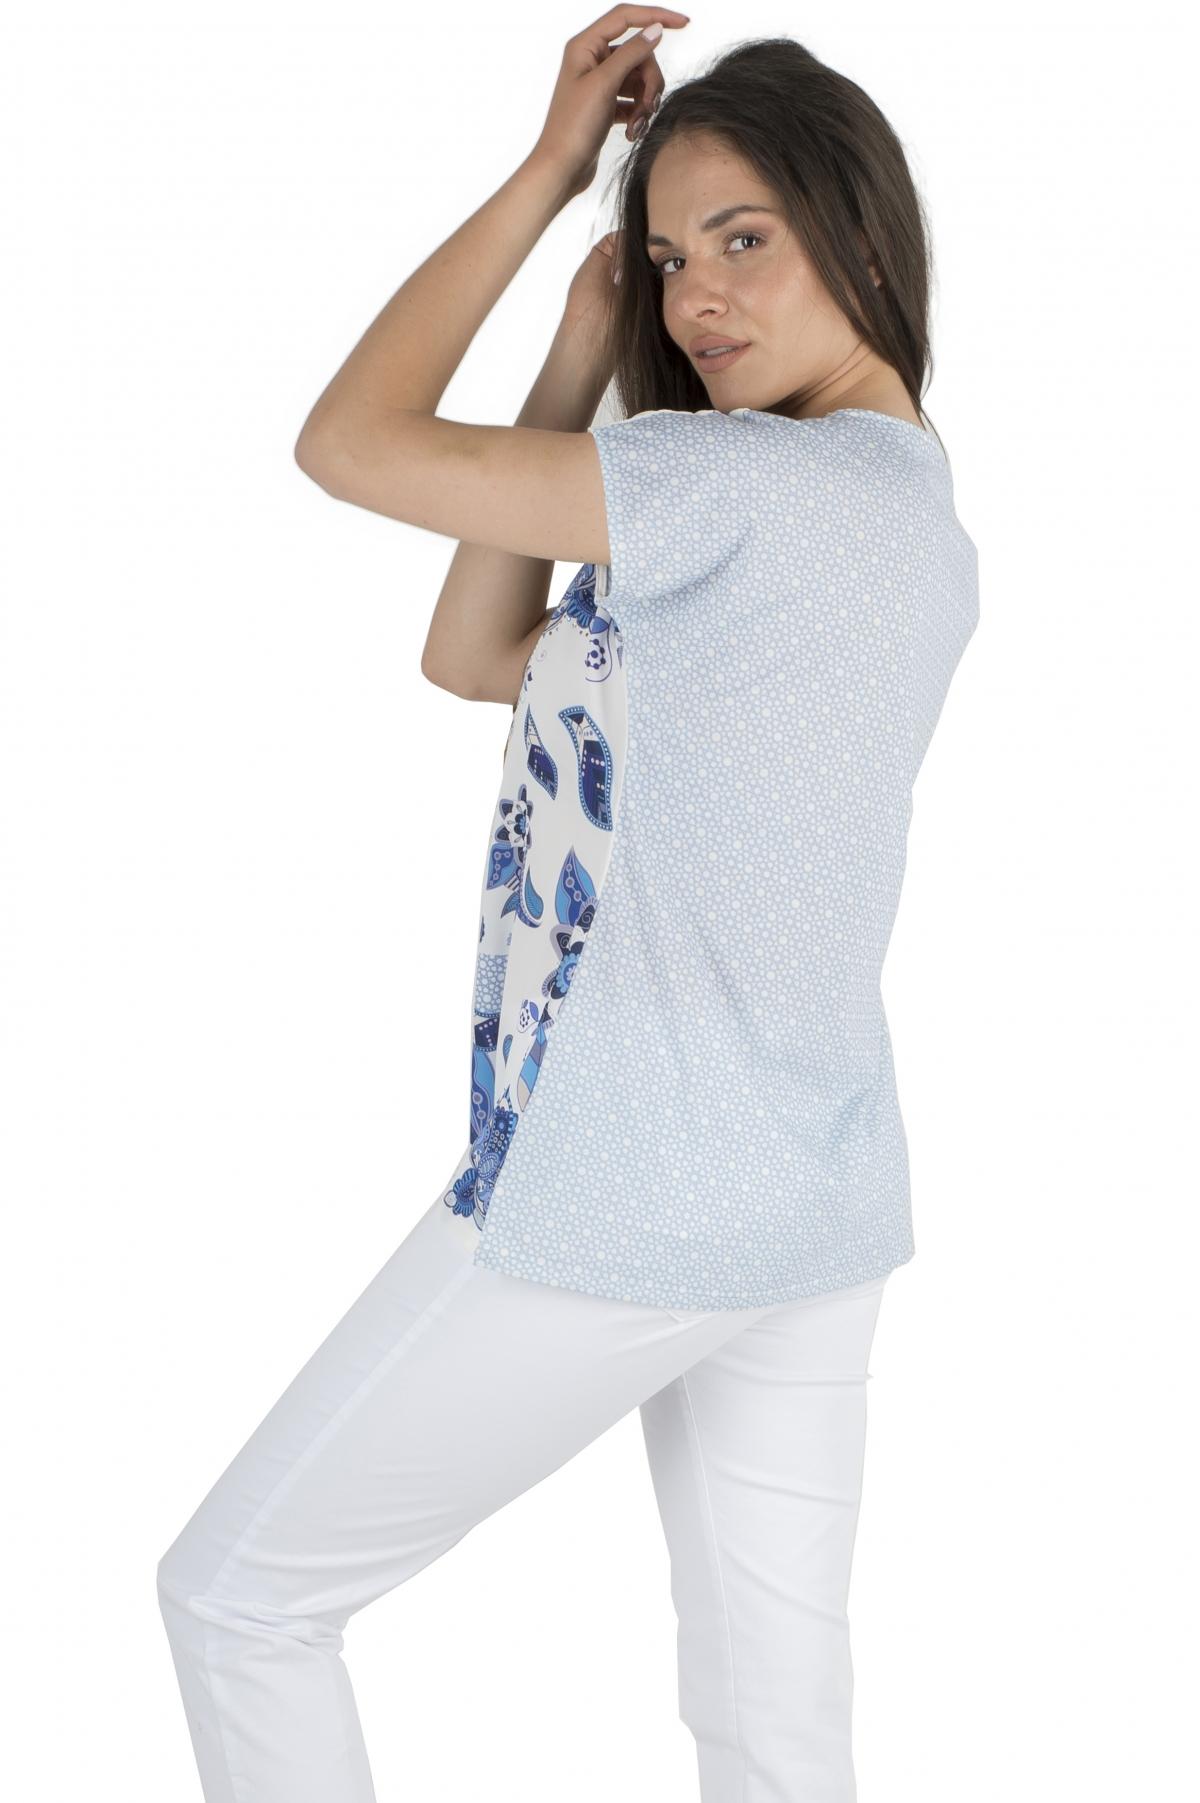 ee23d05069 ΜΠΛΟΥΖΑ - Real Lady - Shop Online